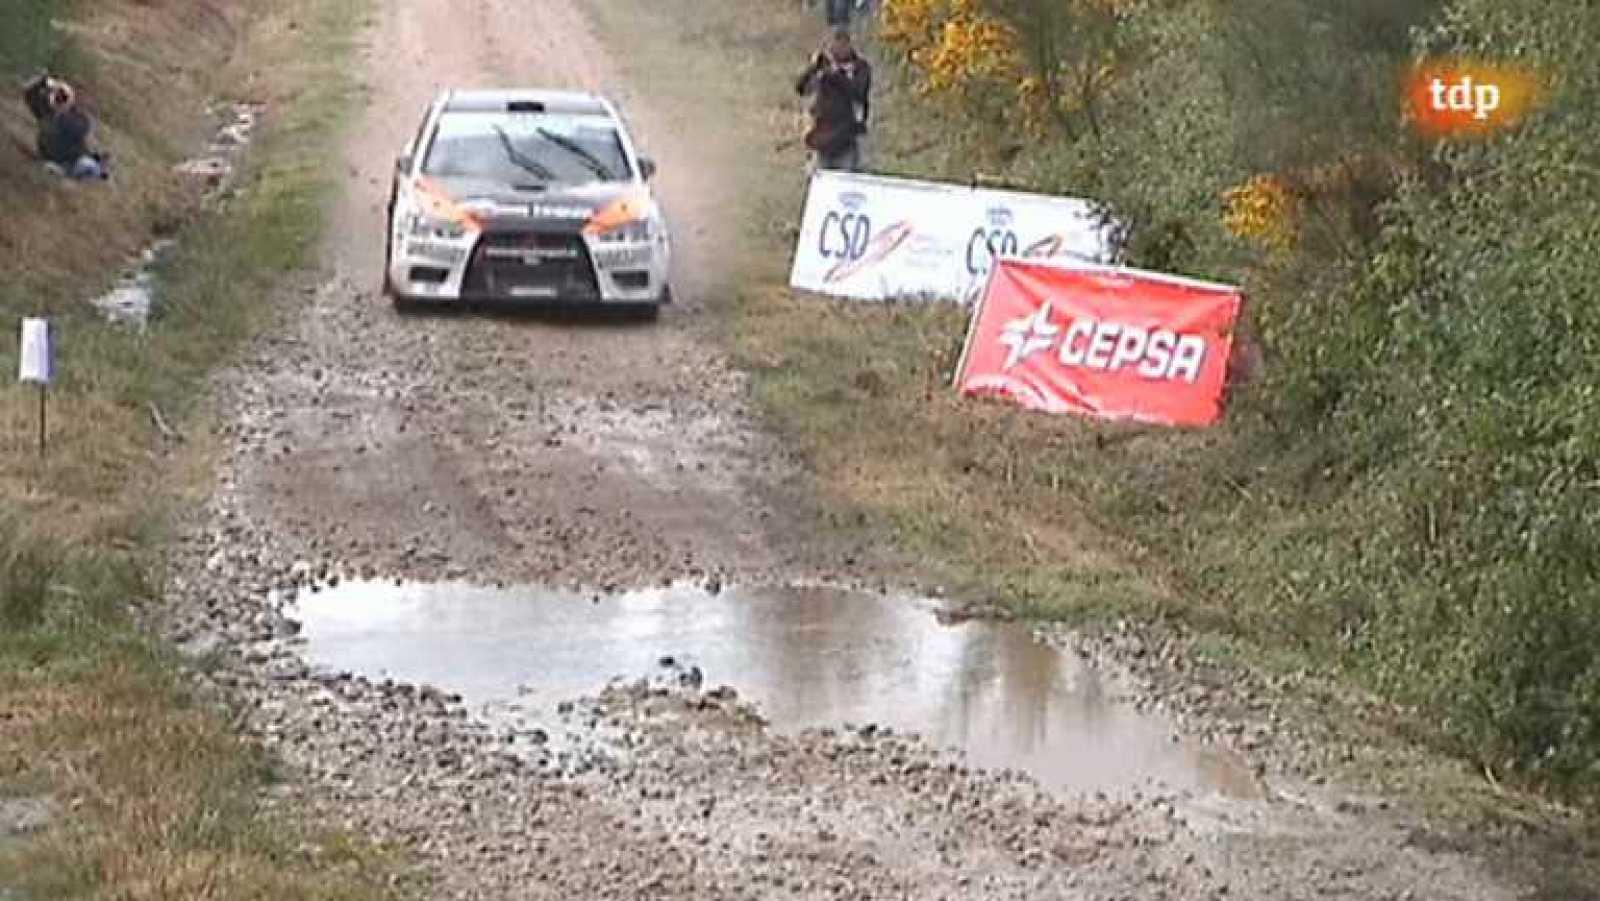 Automovilismo - Campeonato de España de Rallye tierra Concello de Curtis - Ver ahora